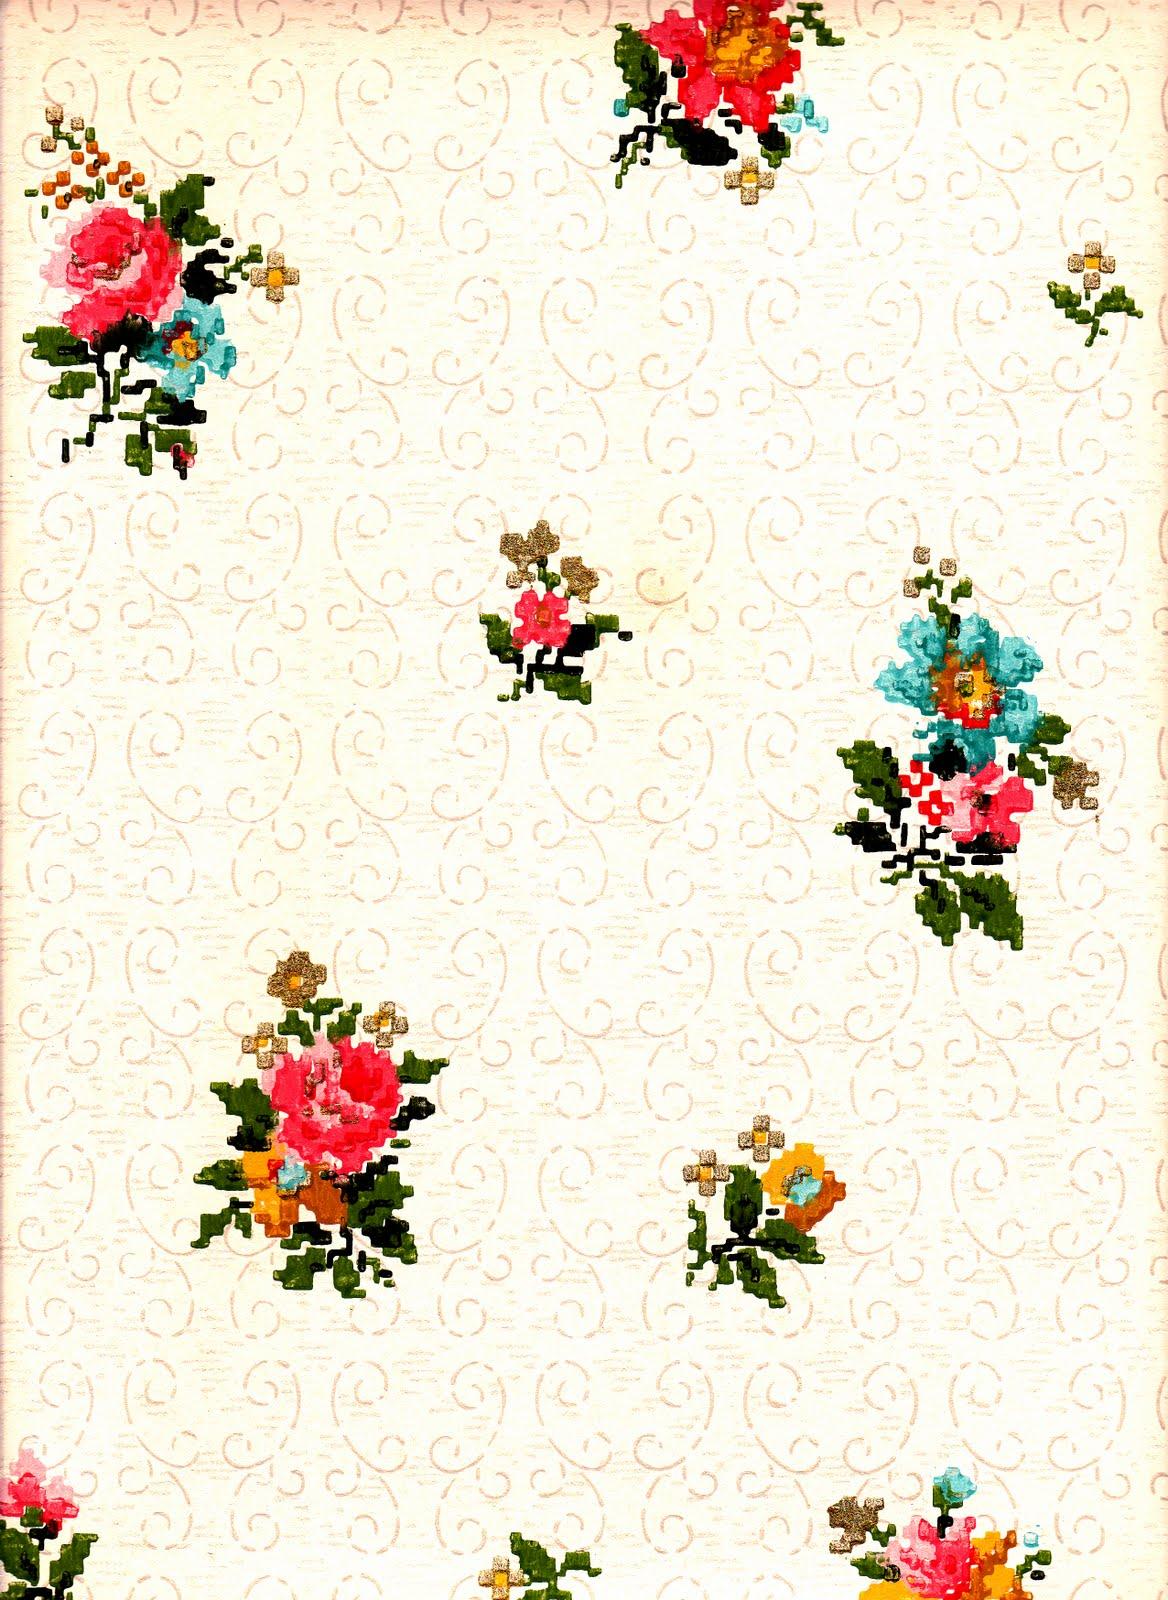 Madelines Memories Vintage Wallpaper Part II 1168x1600